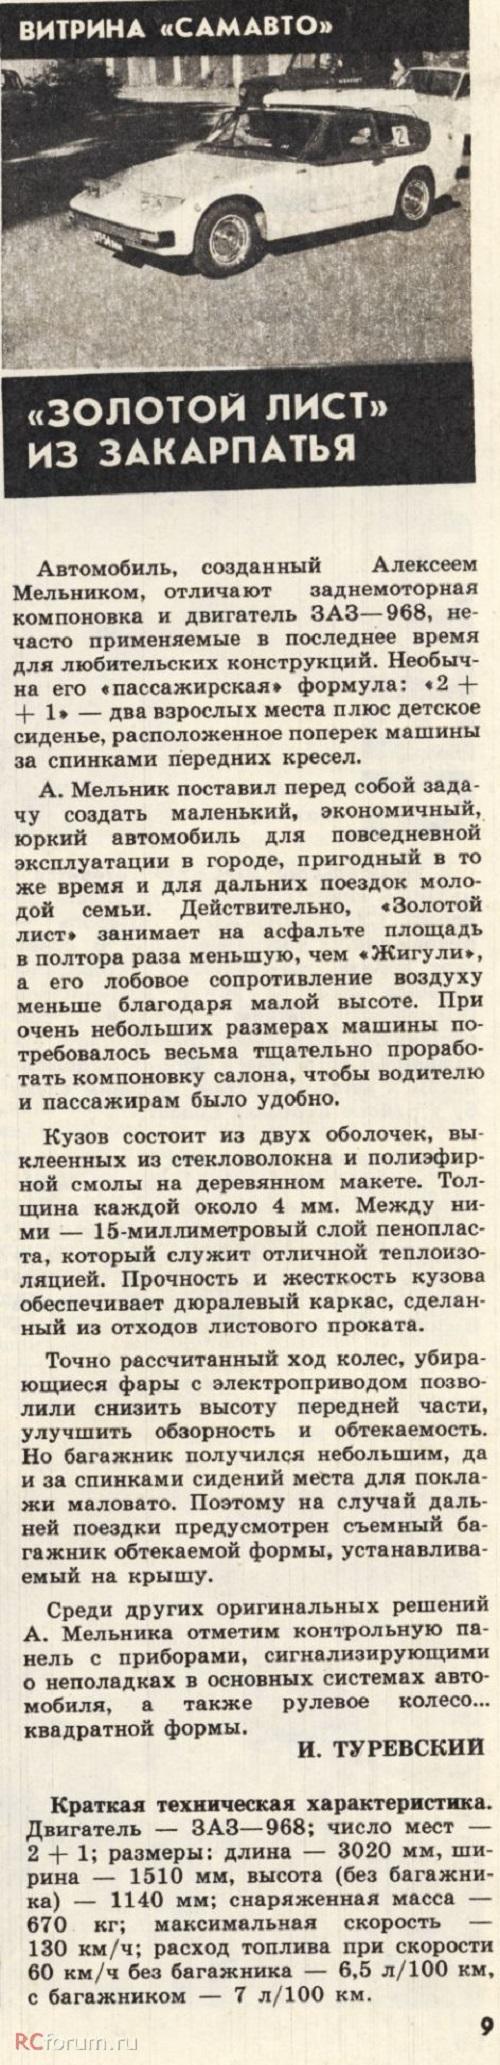 """""""Золотой лист"""" из Закарпатья."""